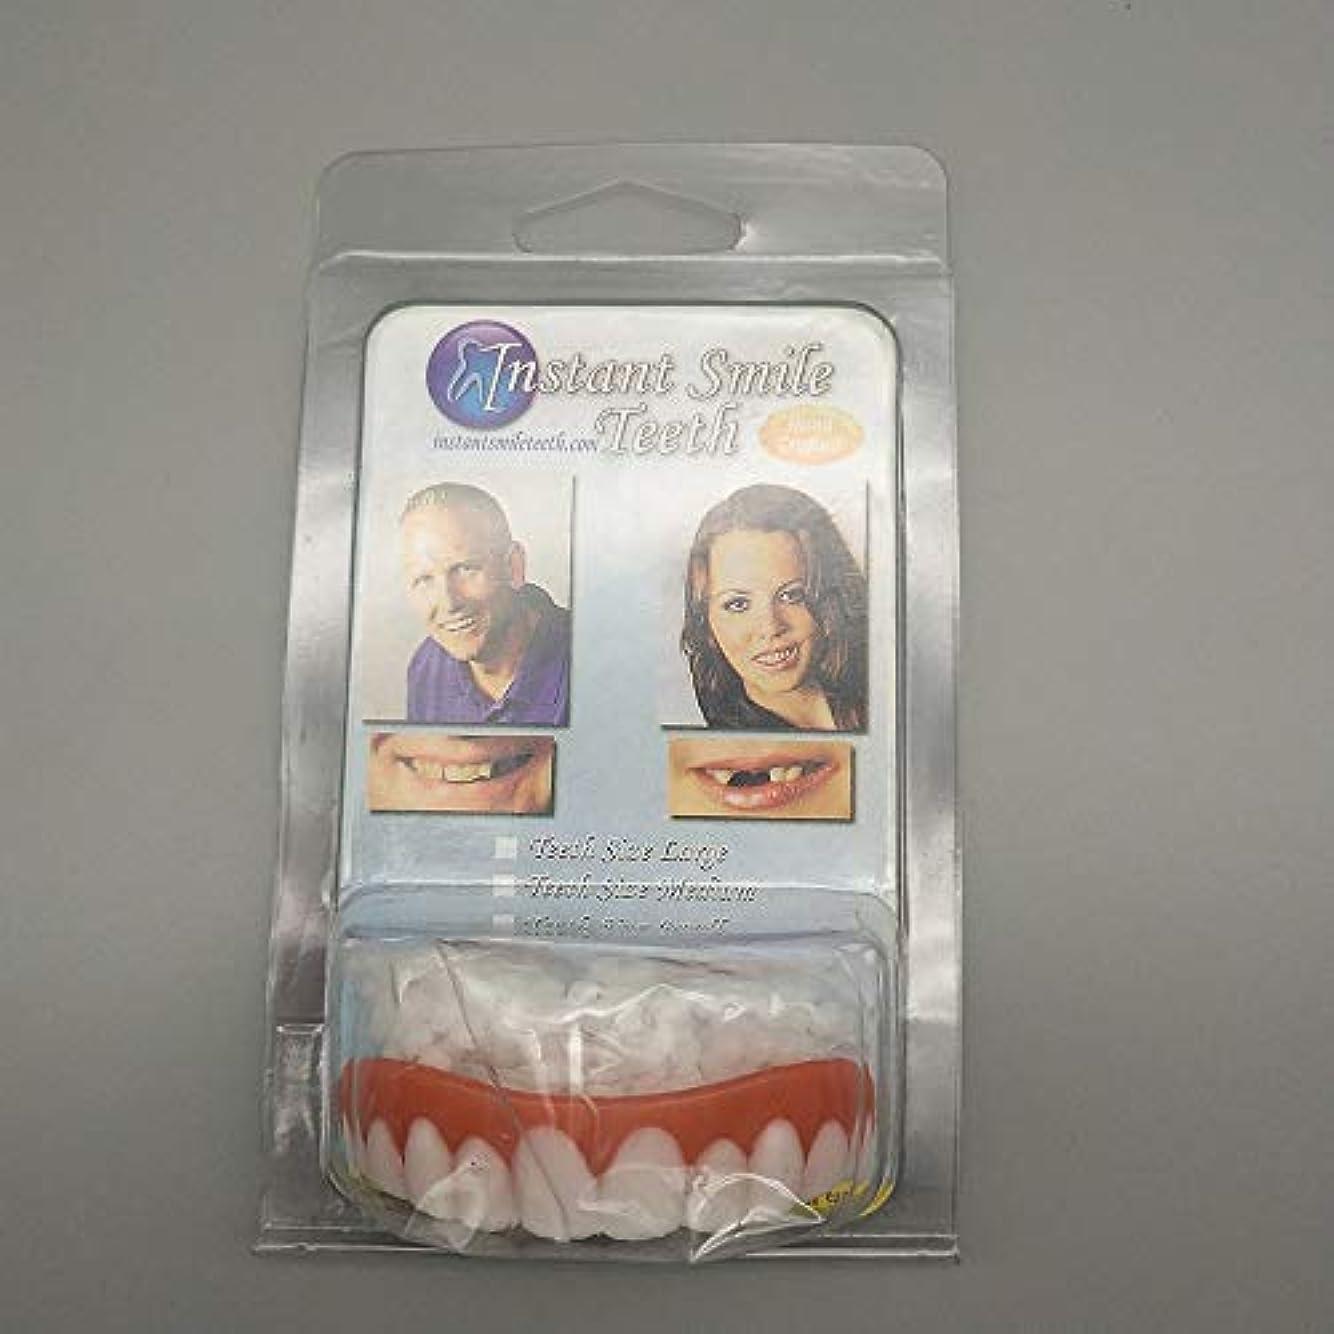 石化するイチゴ量でシリコーンシミュレーション歯ブレース、ホワイトニング義歯,Lower,OPP